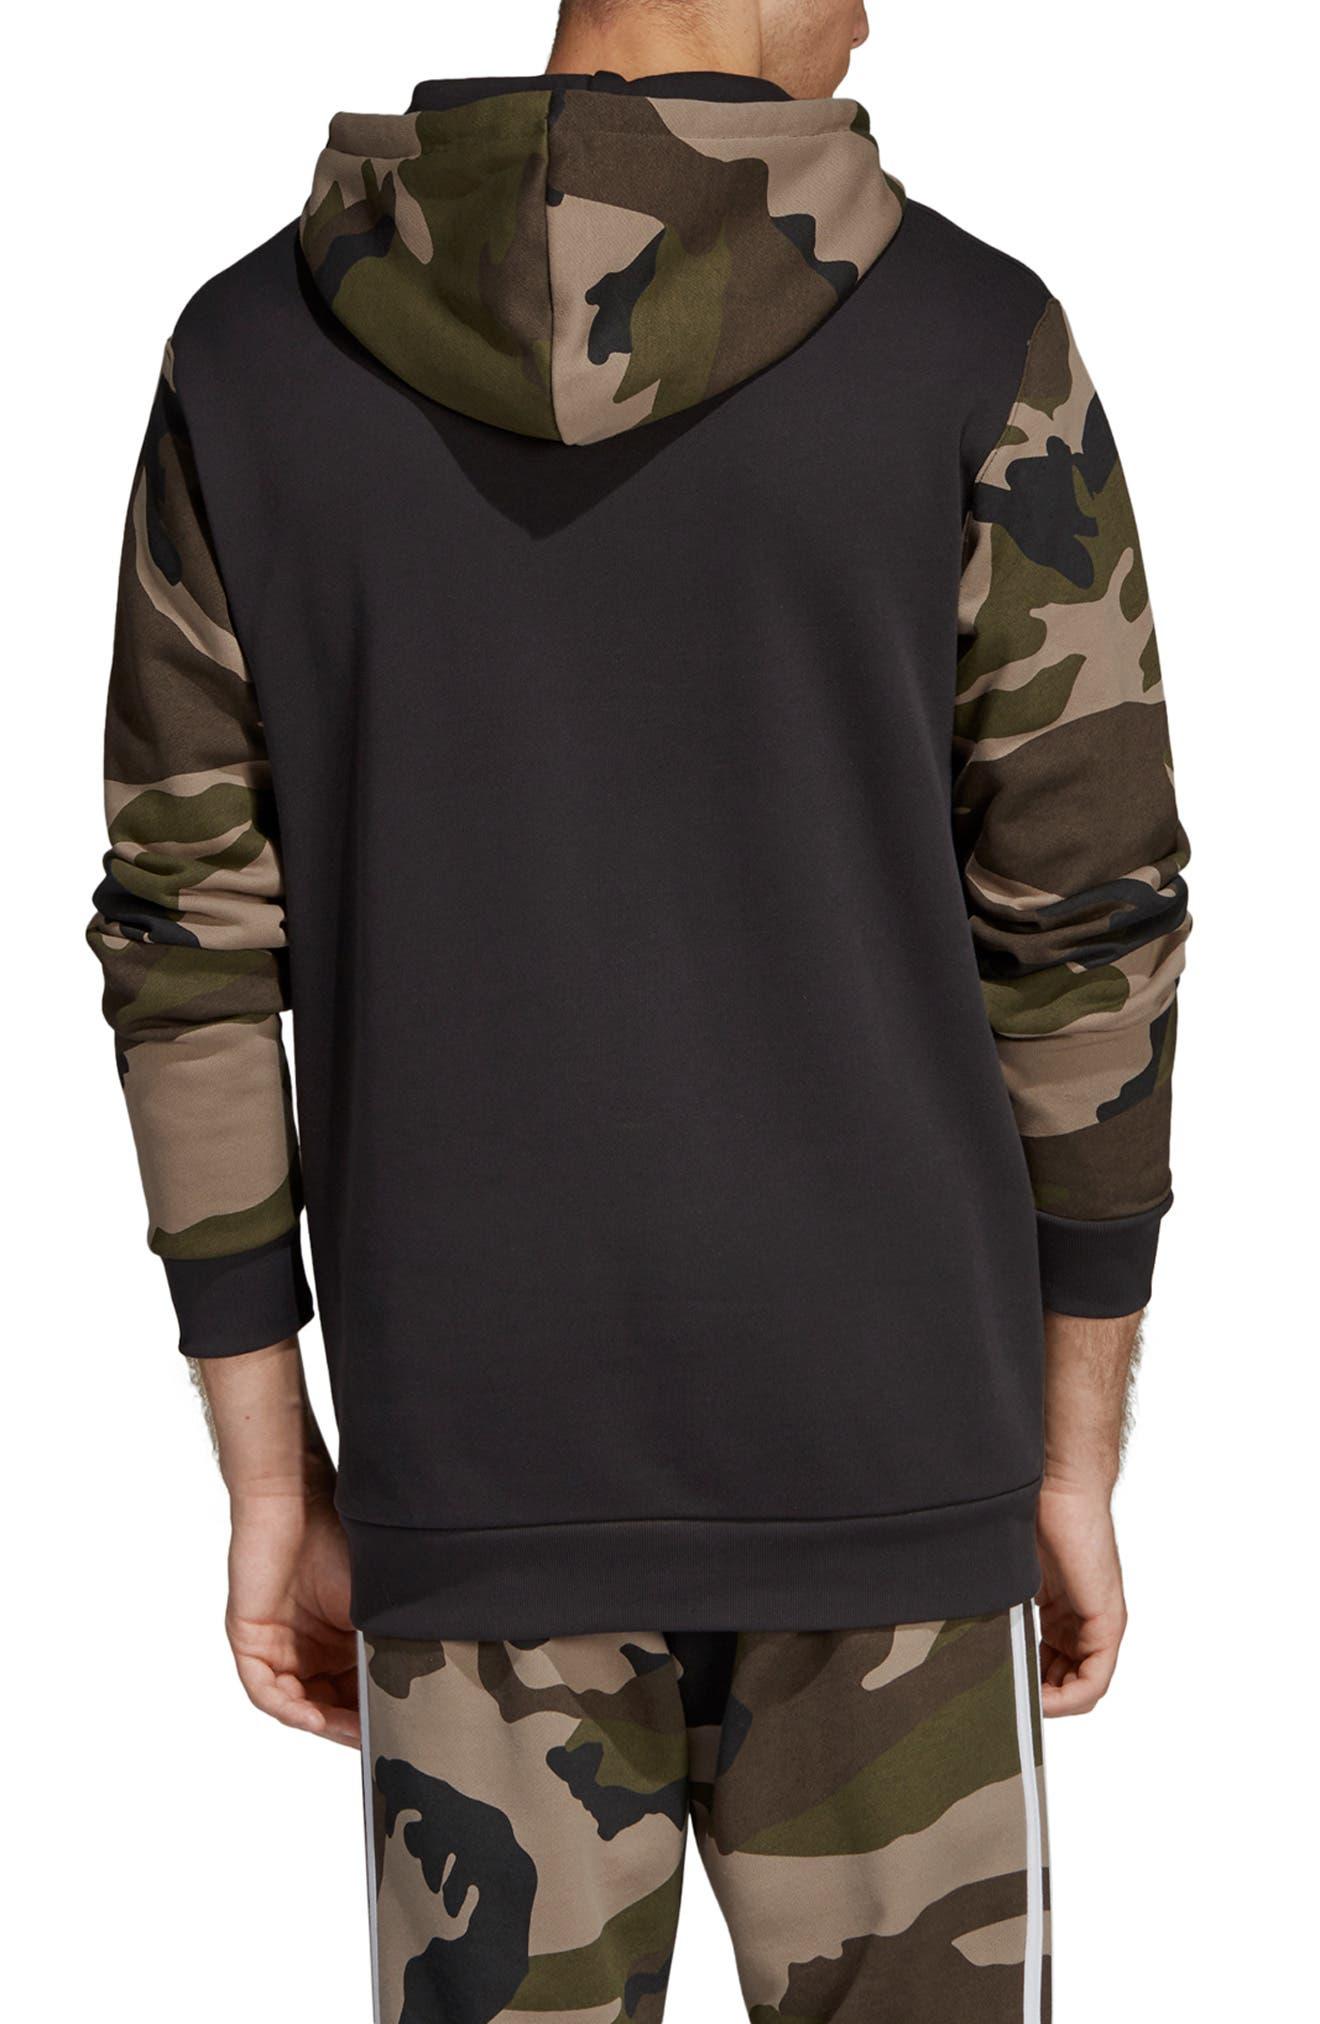 Camo Hooded Sweatshirt,                             Alternate thumbnail 2, color,                             005